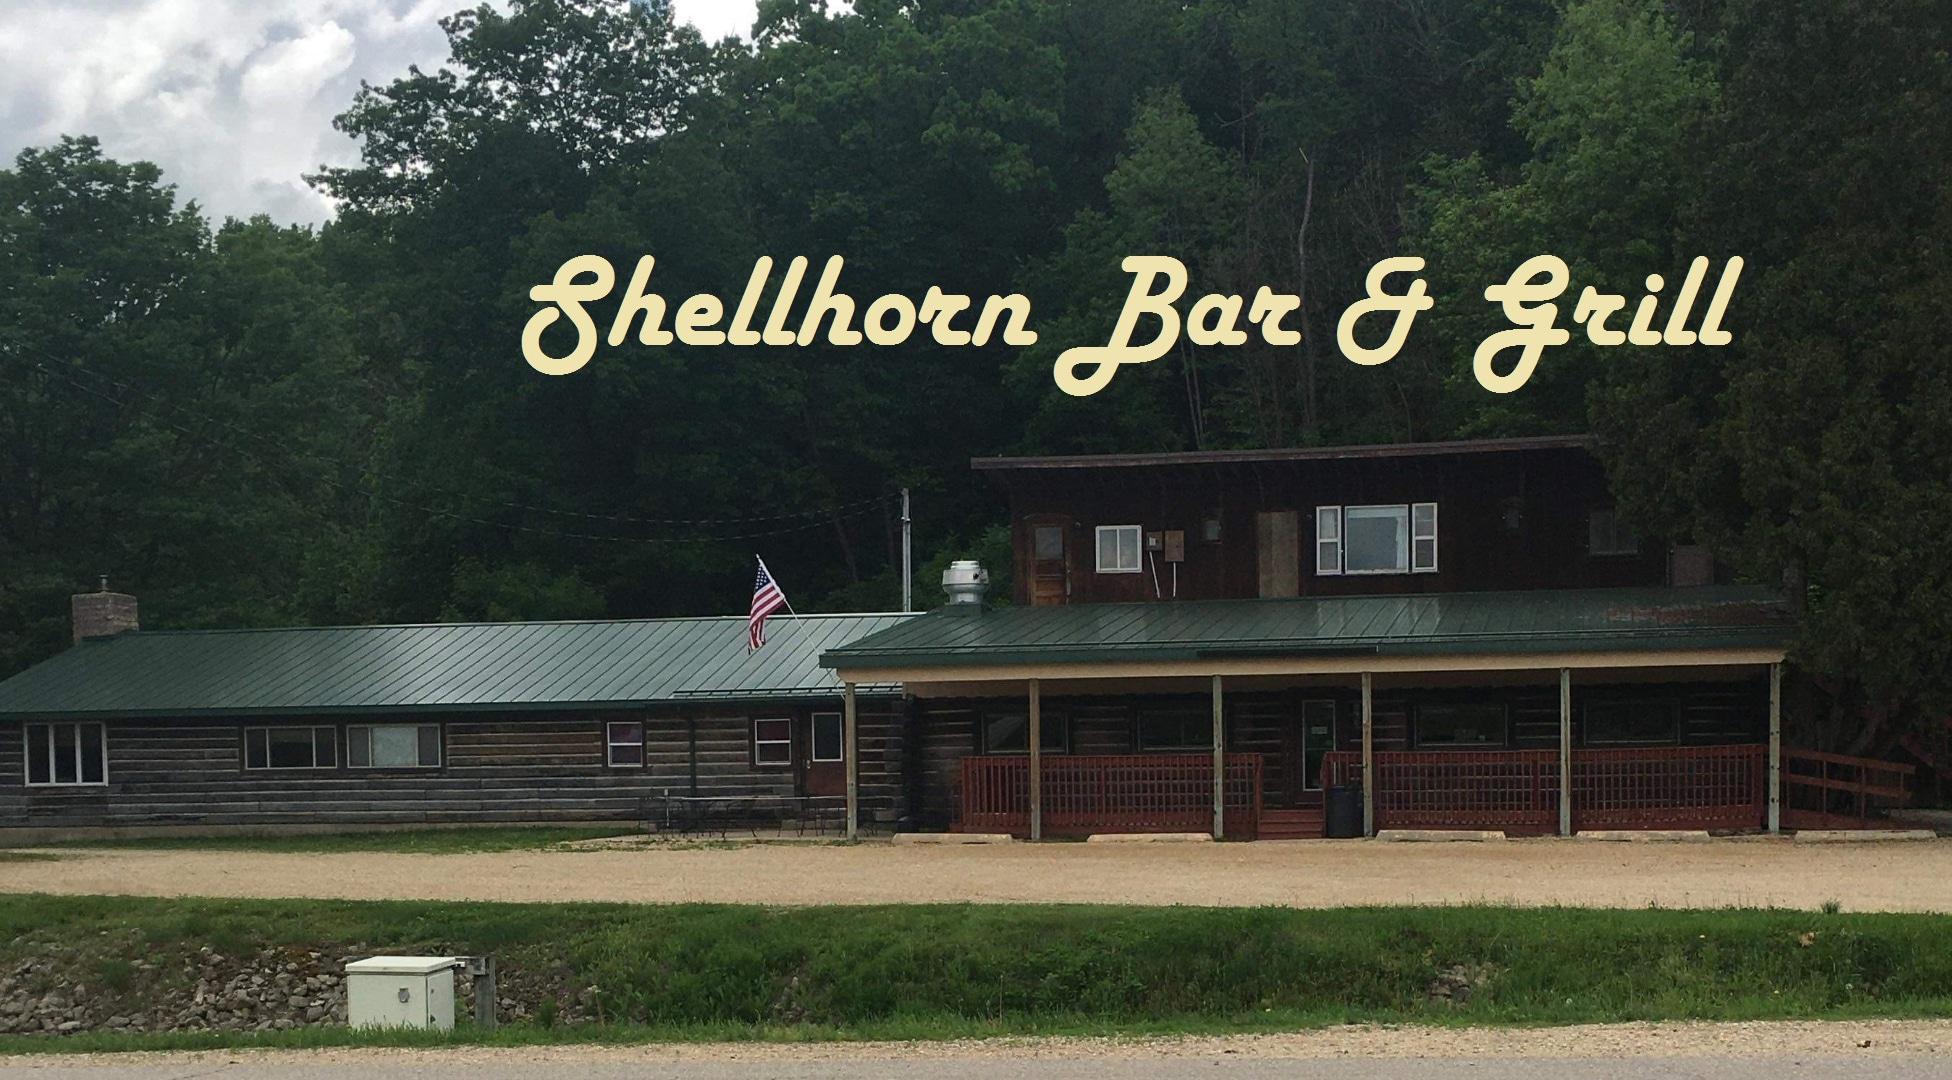 Shellhorn Bar & Grill